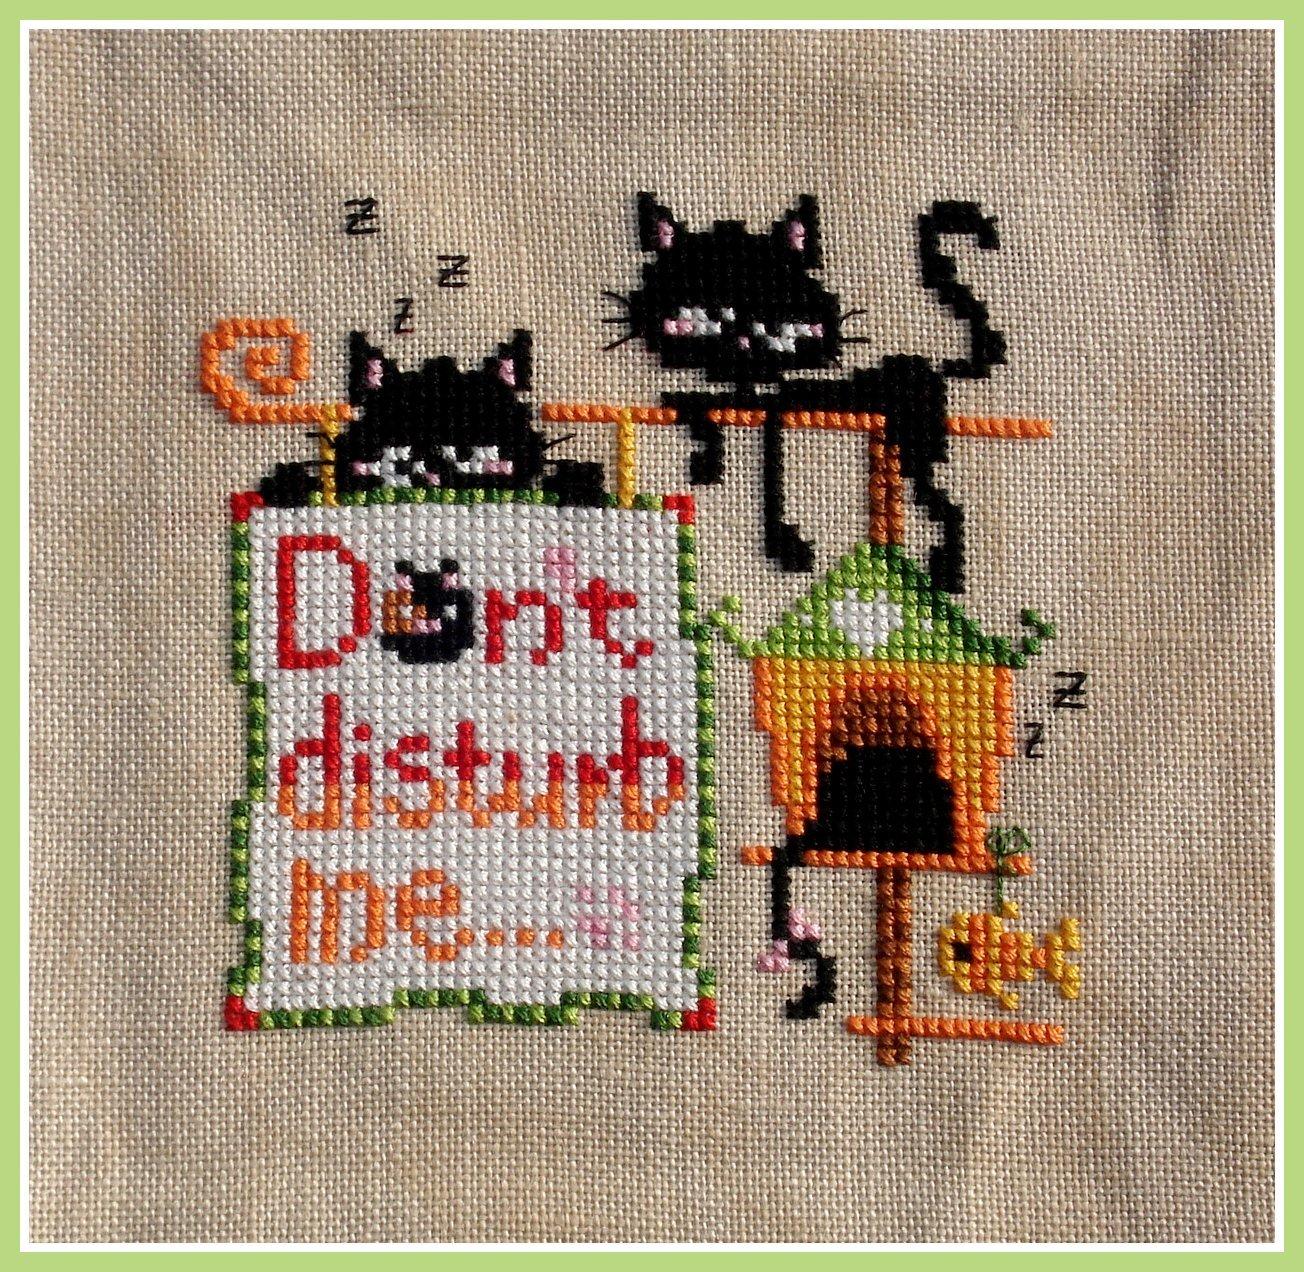 Dont disturb 5840739578 o